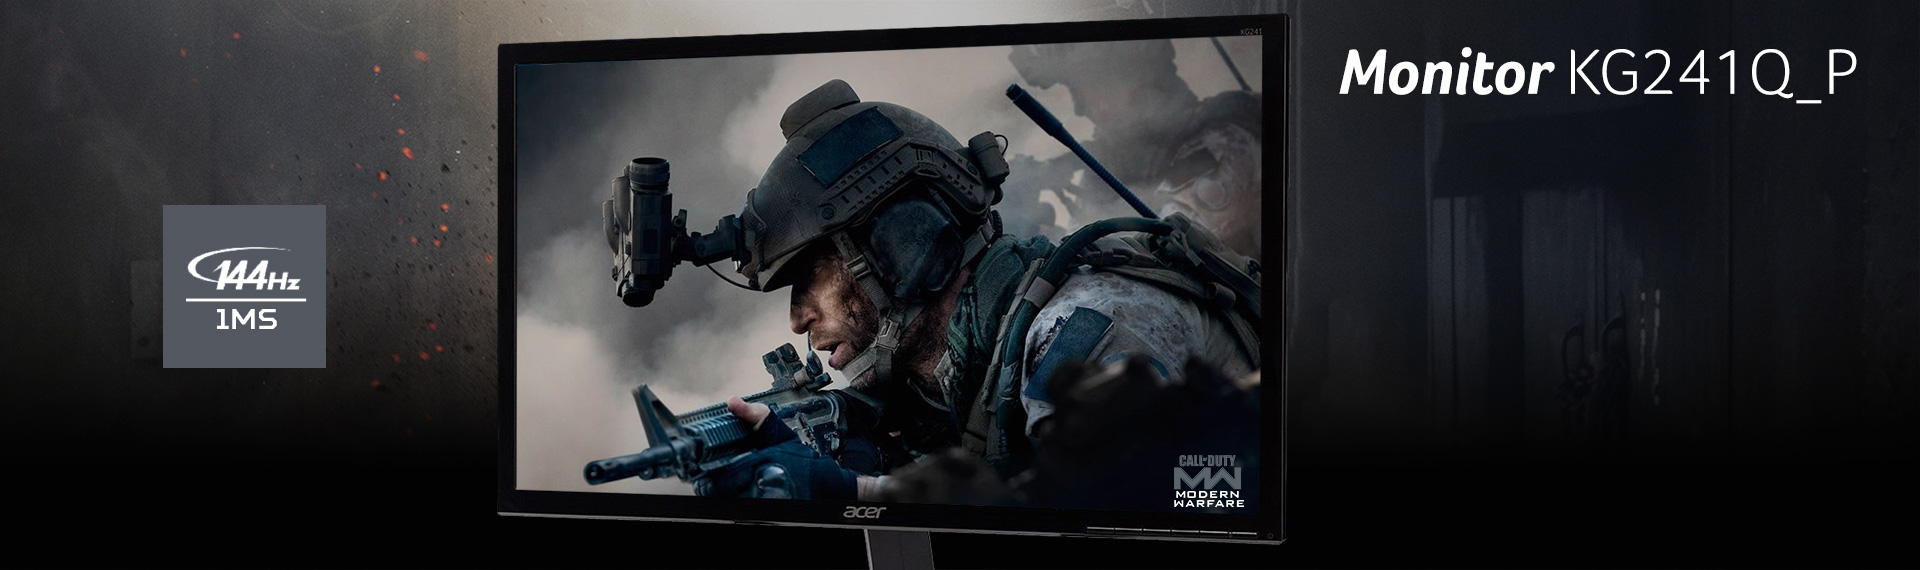 Acer KG241Q_P, Monitor Gaming dengan Kualitas Visual yang Akurat dan Memikat!